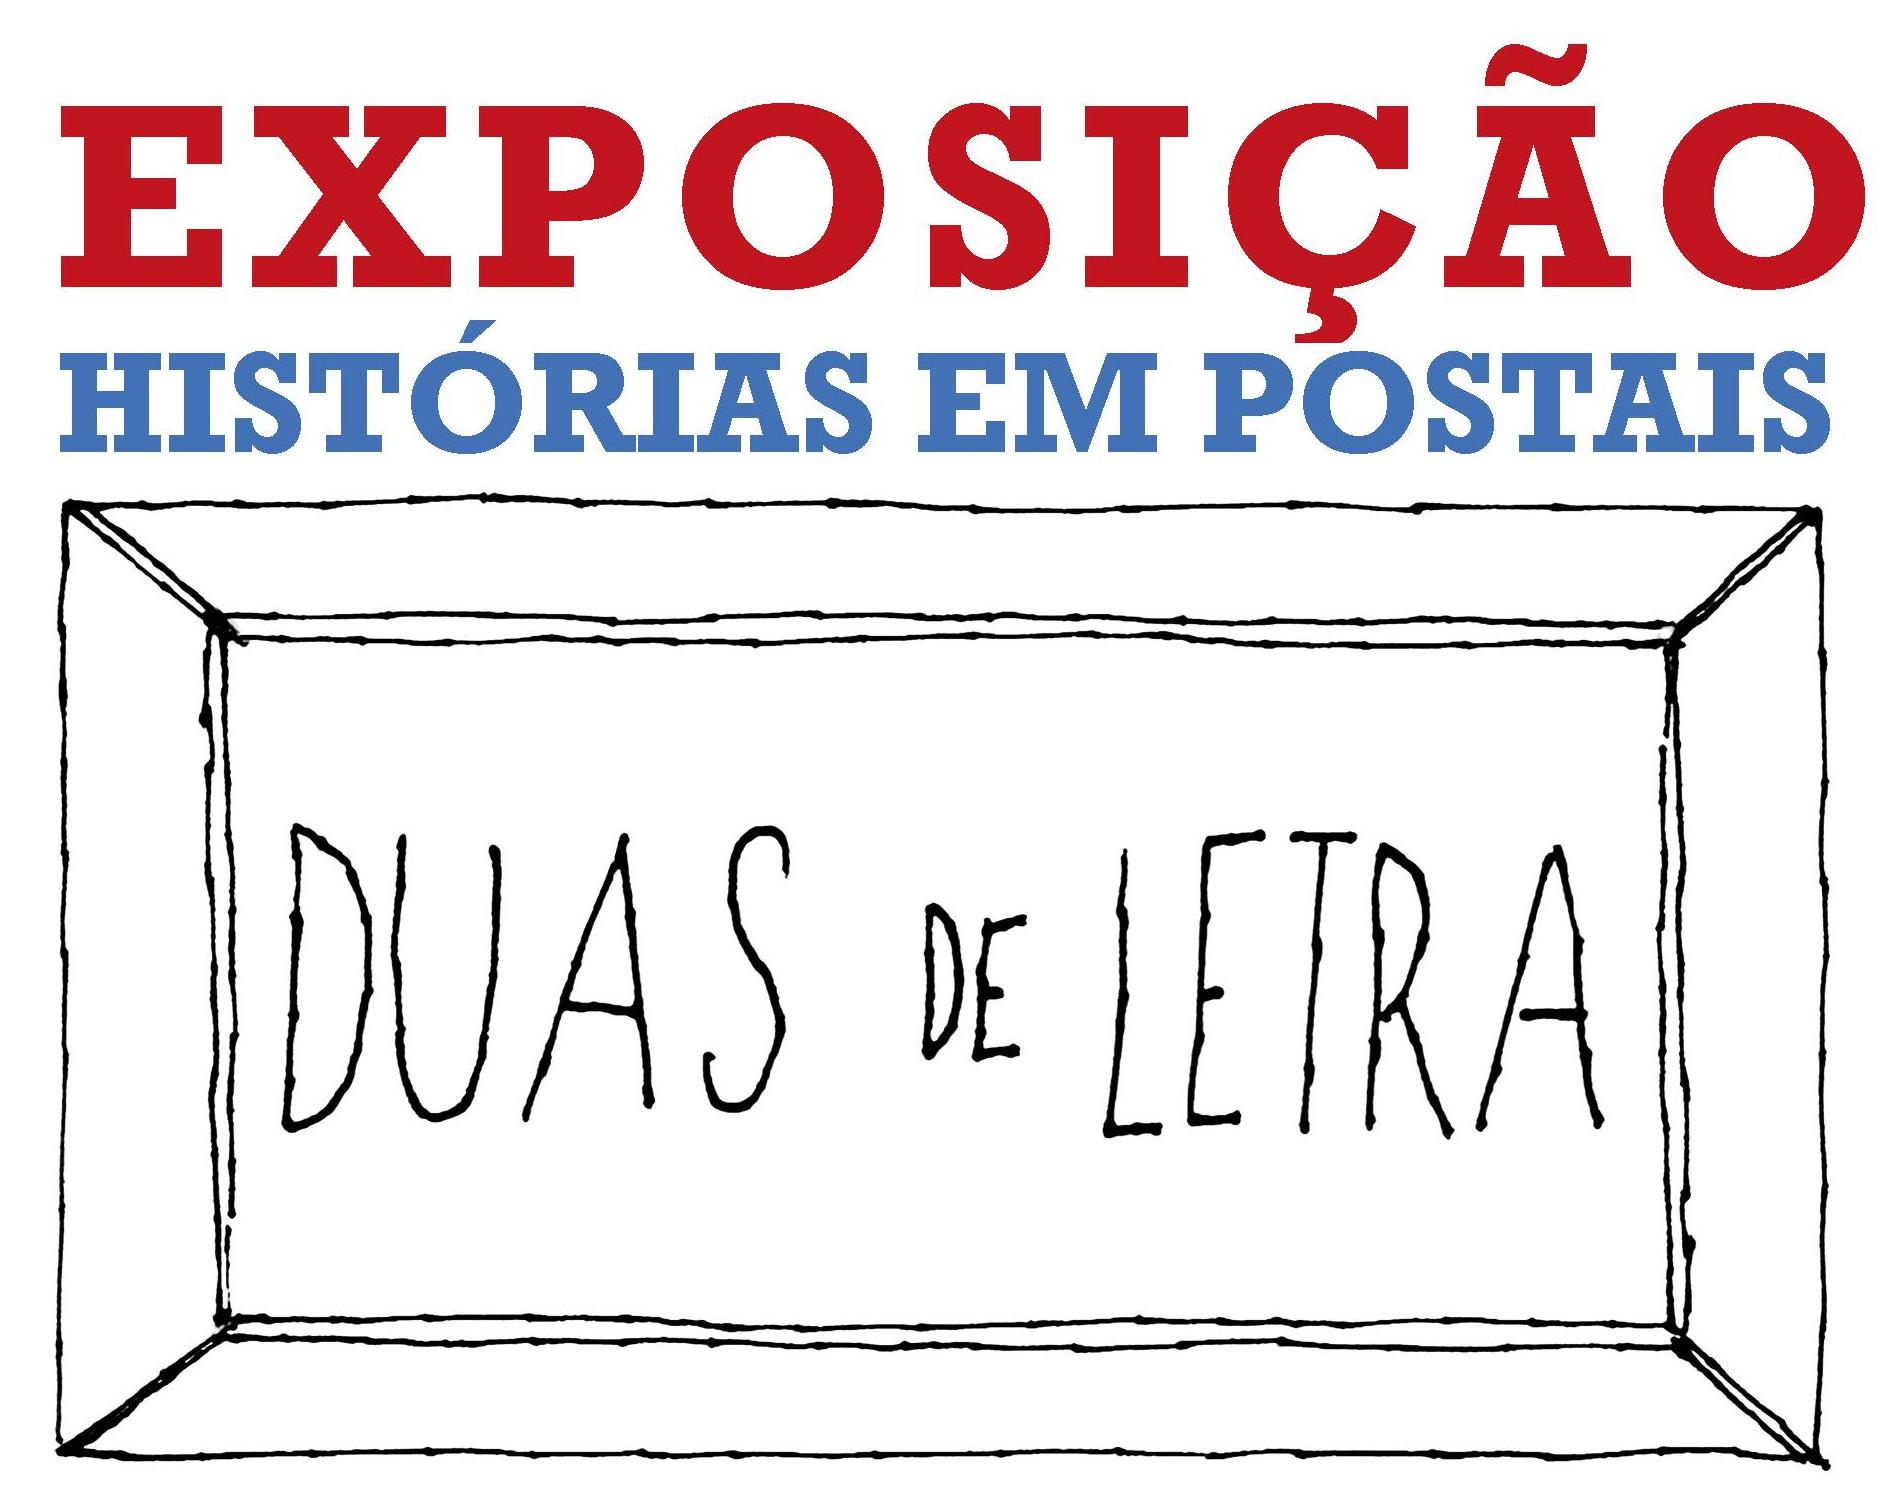 LINK EXPOSIÇÃO HISTÓRIAS EM POSTAIS_LETRA_CP